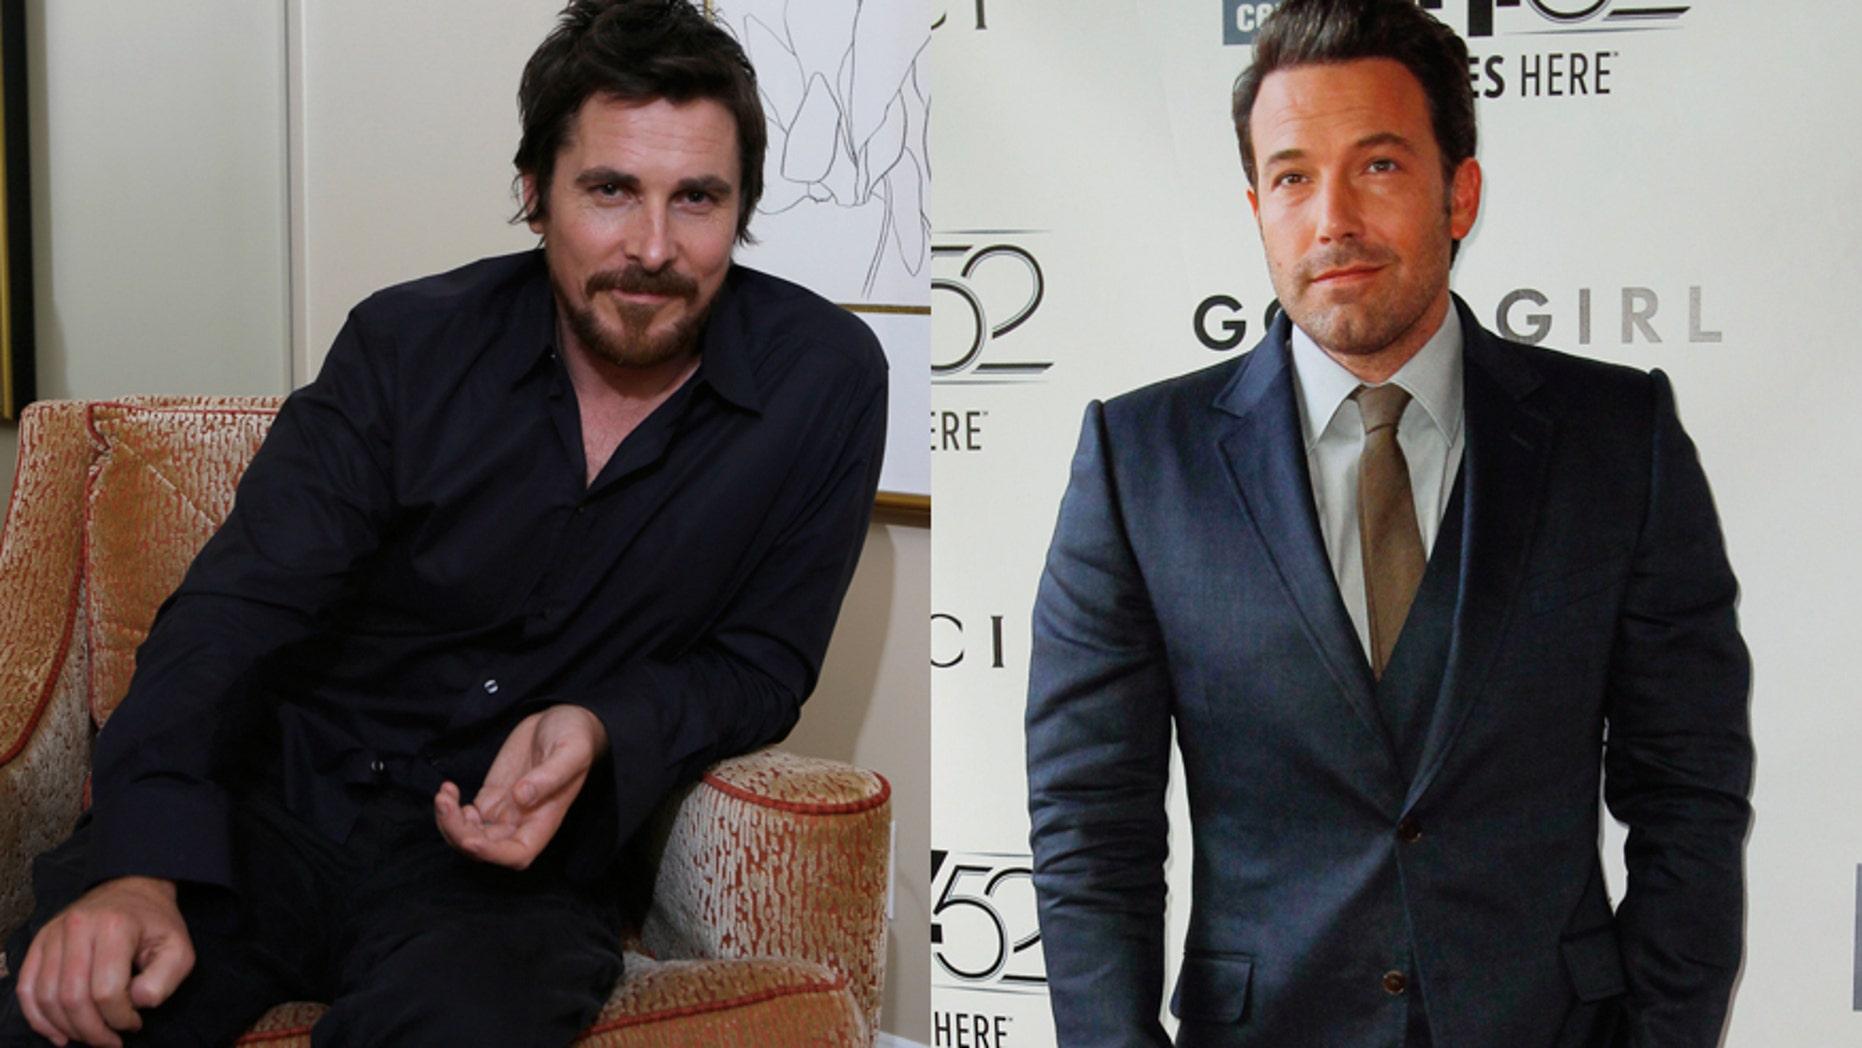 Actors Christian Bale (L) and Ben Affleck.